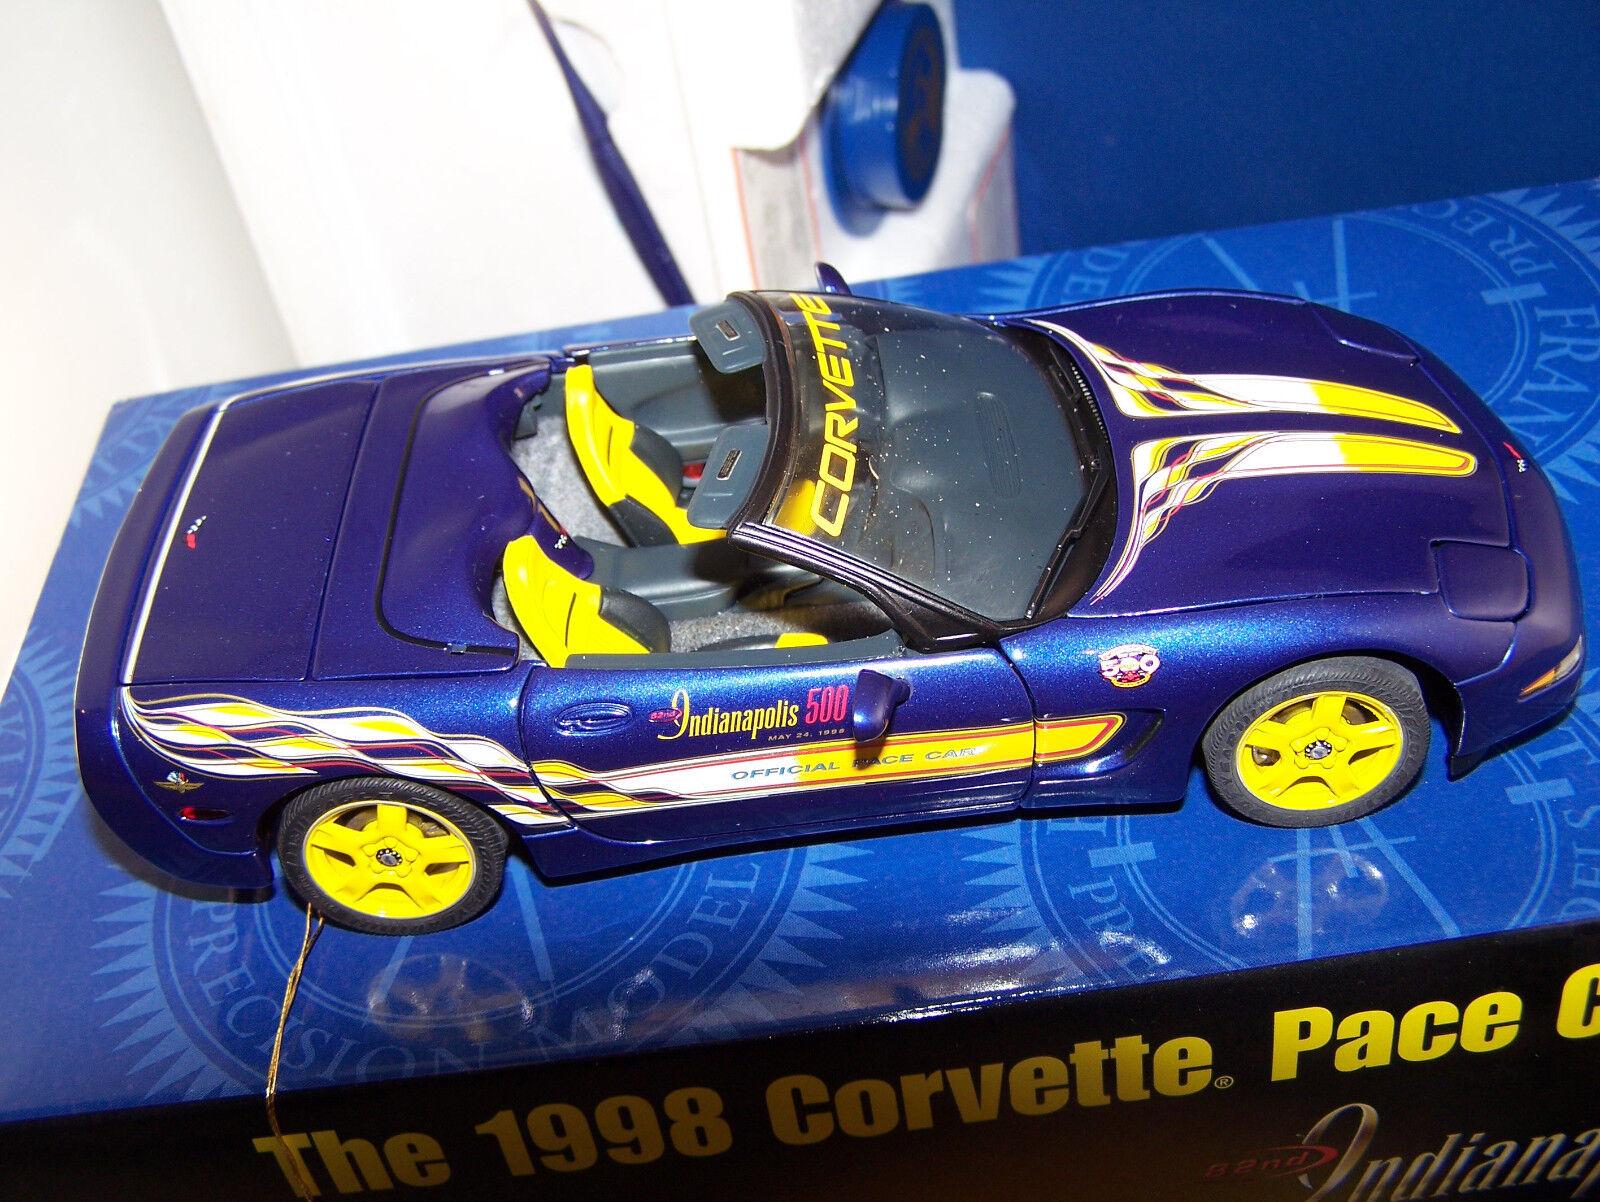 Mib franklin - mint - 1   24 1998 corvette box. sehr sauber rondom zahl